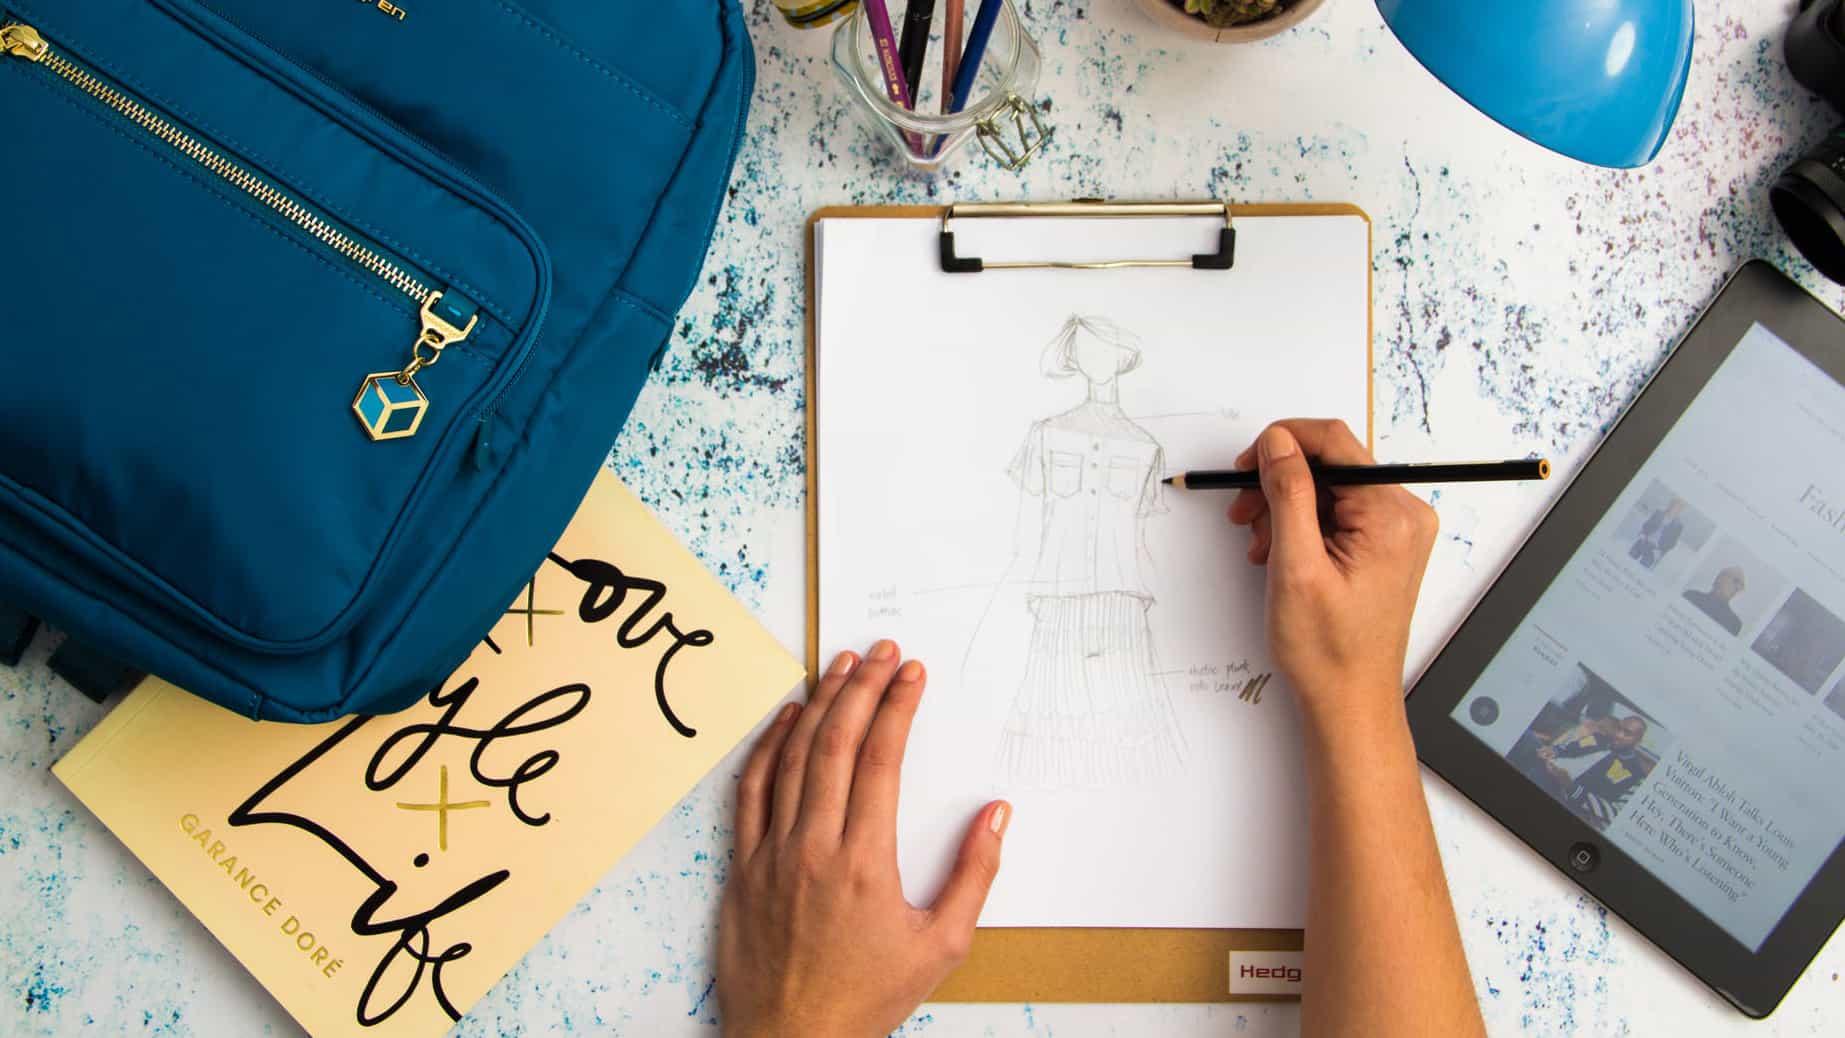 Cómo dibujar: los mejores tutoriales de dibujo